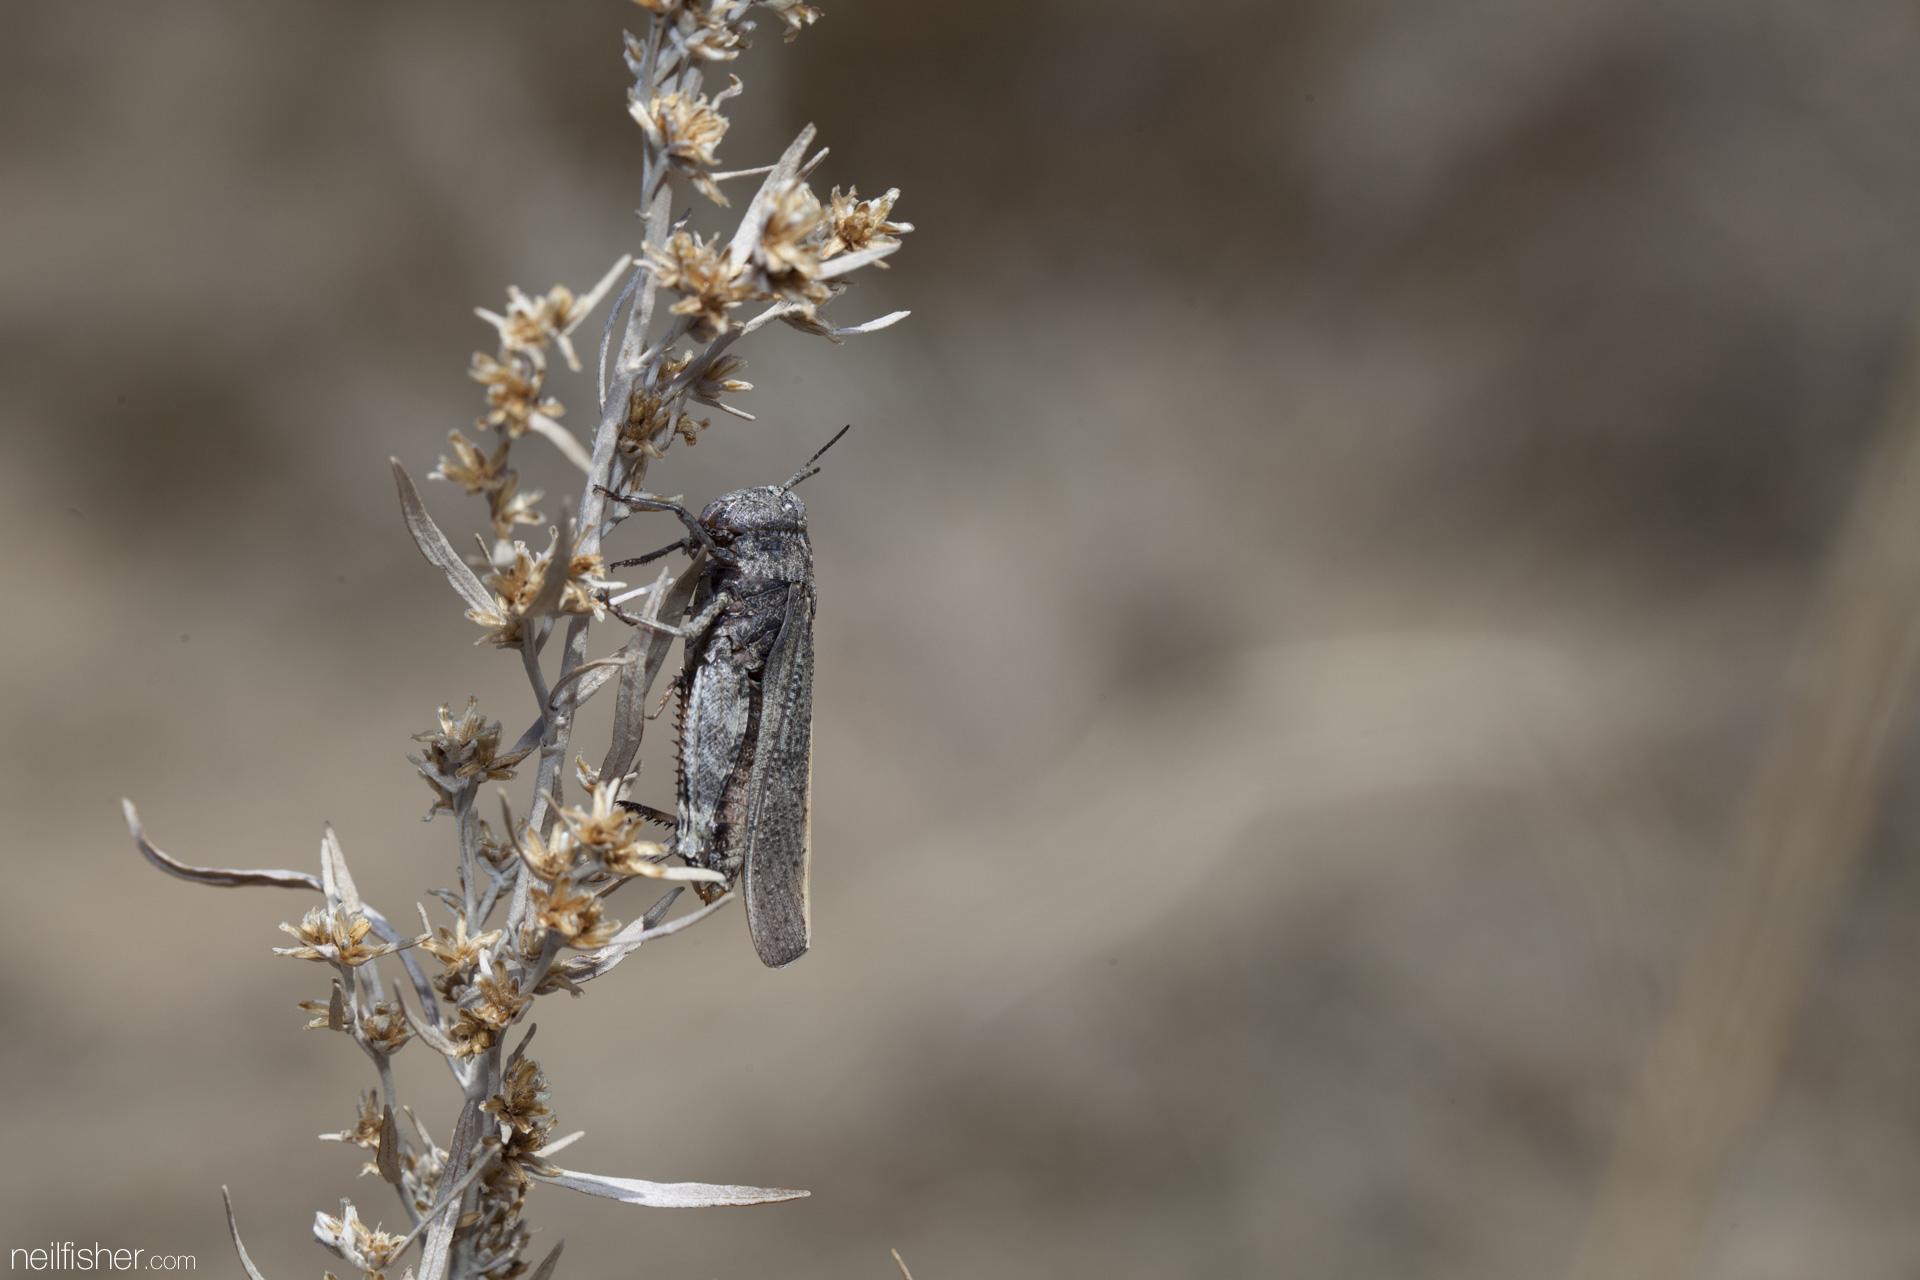 20140429 - Grasshopper - NeilFisher.jpg